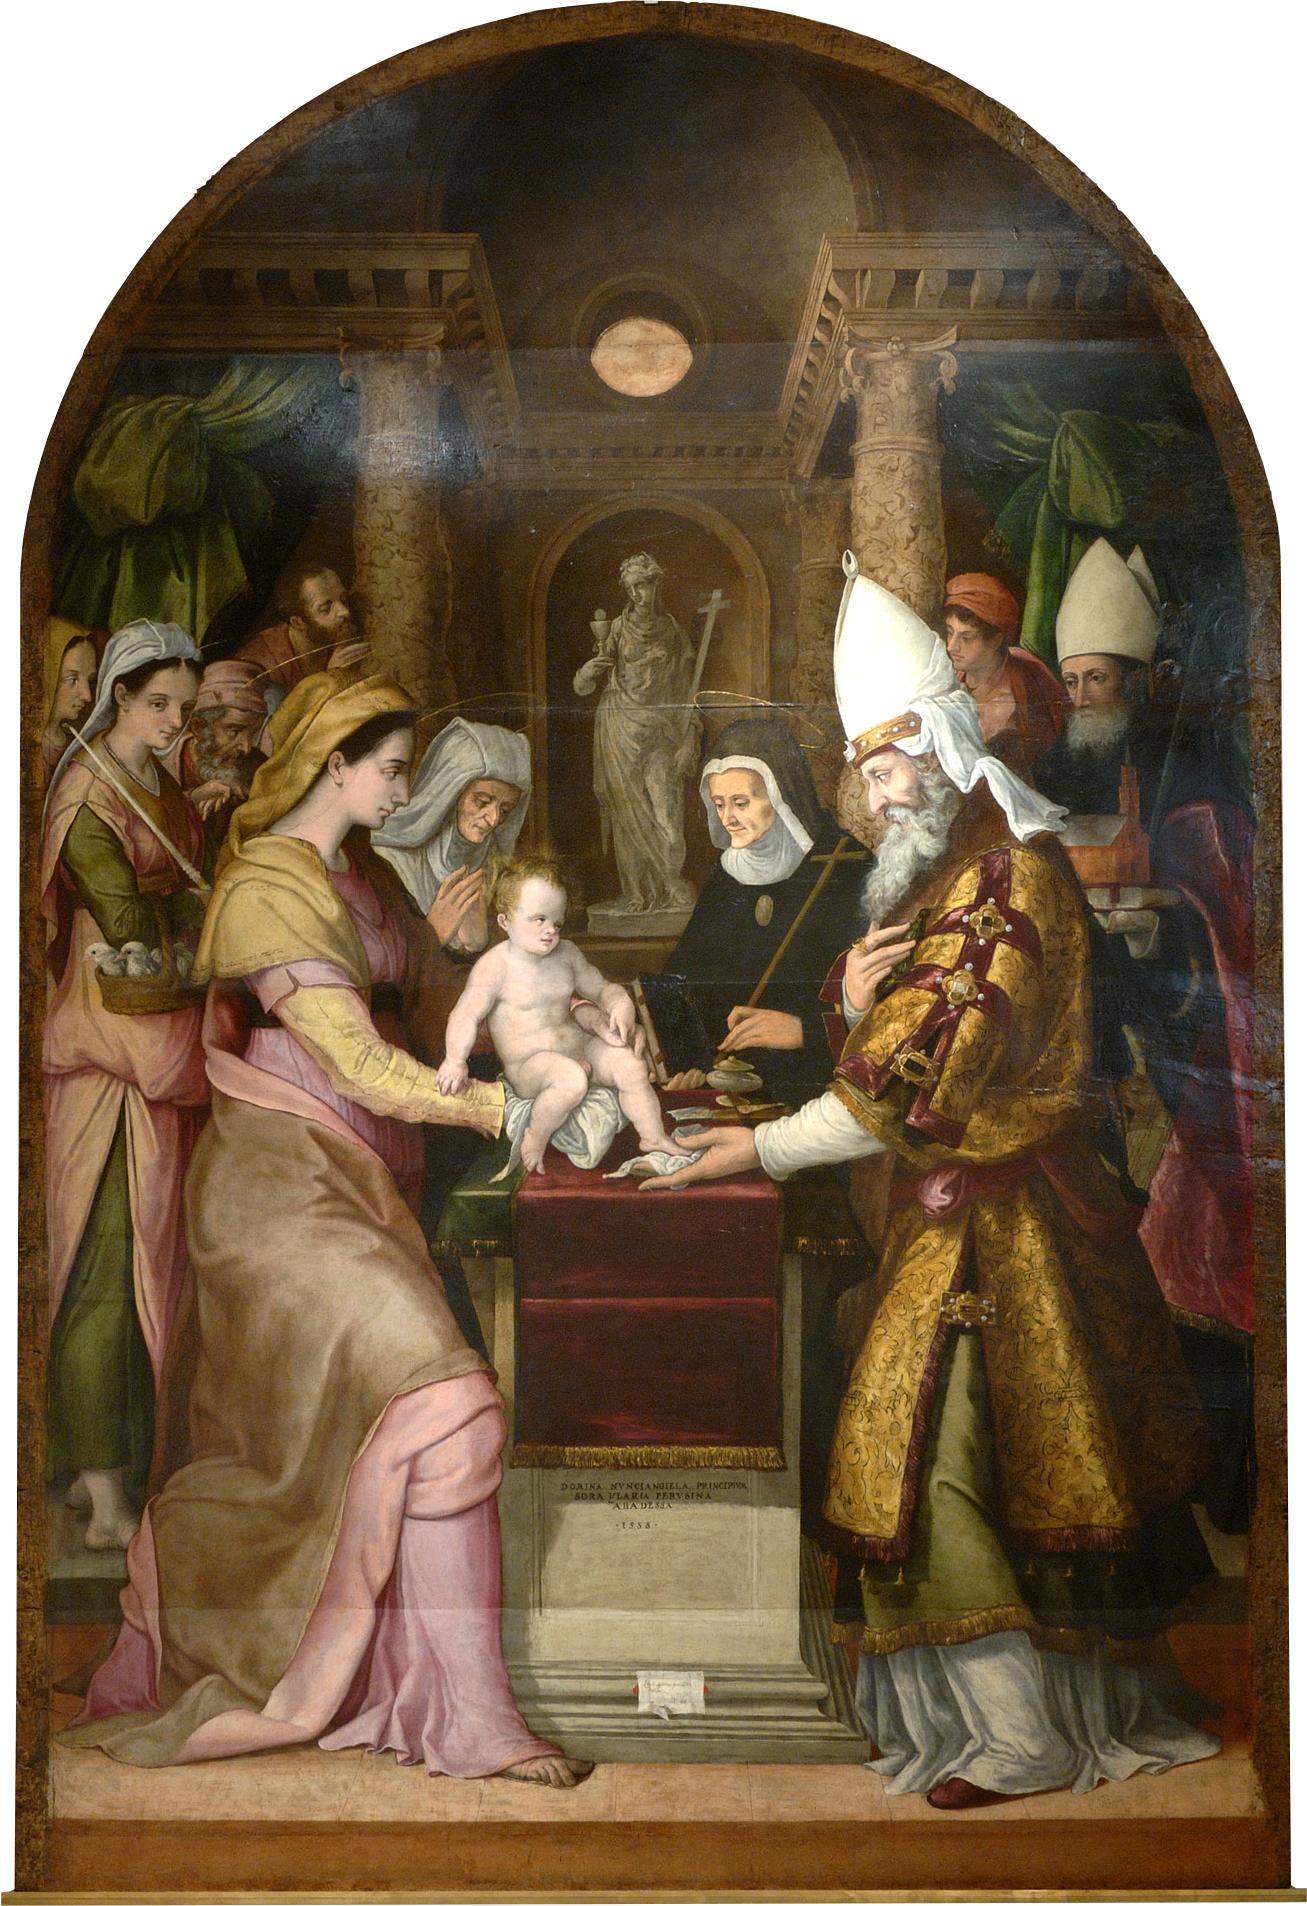 Circoncisione di Ges¹ Bambino Livio Agresti 1558 Museo Diocesano e Capitolare di Terni